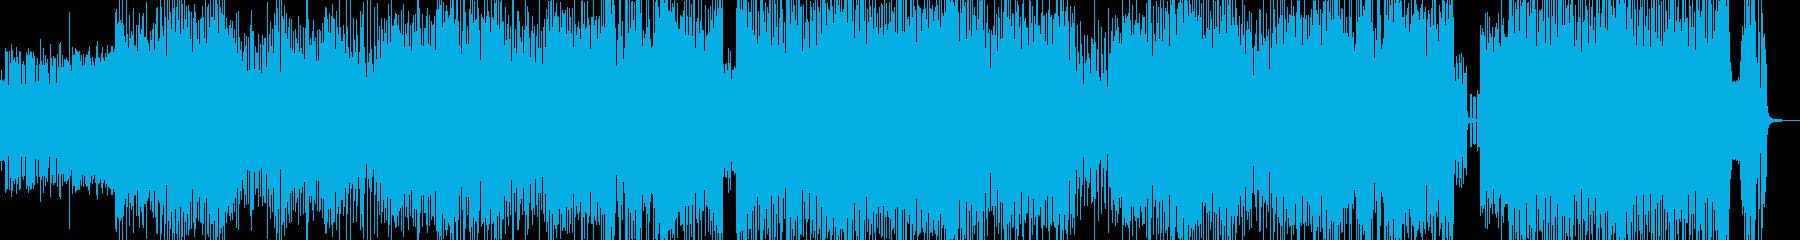 クセになるメロディのコミカルテクノ 長尺の再生済みの波形